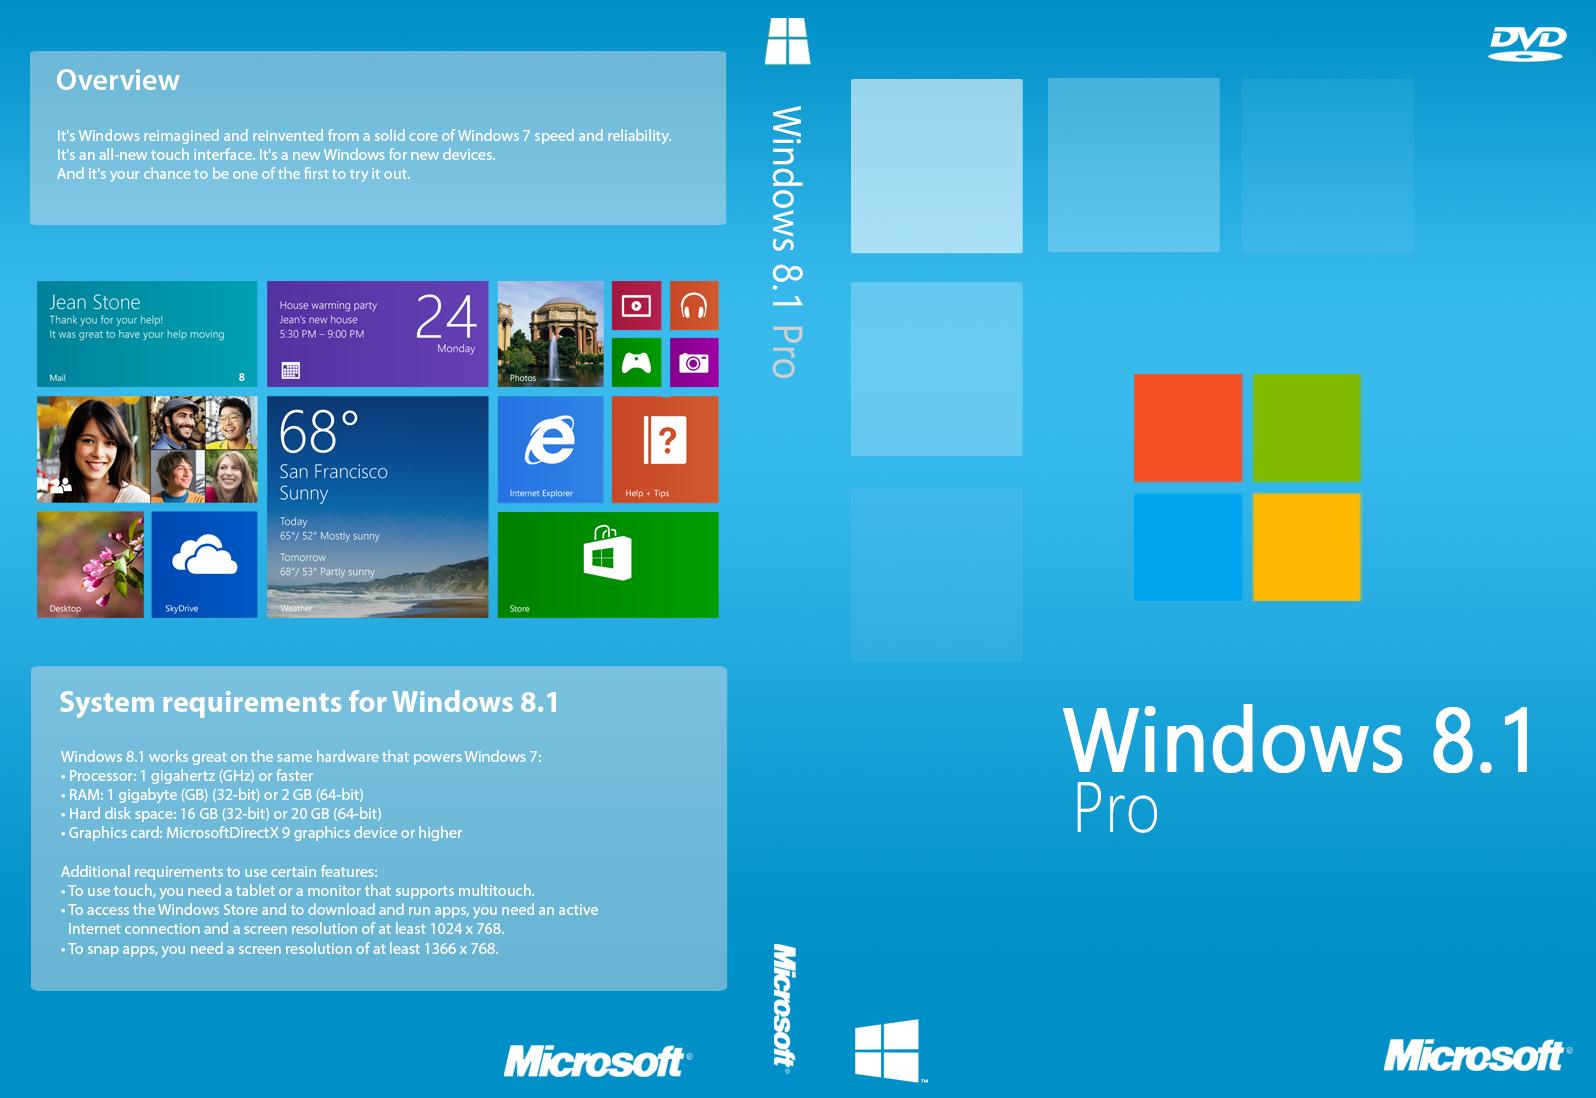 windows 8 iso product key free